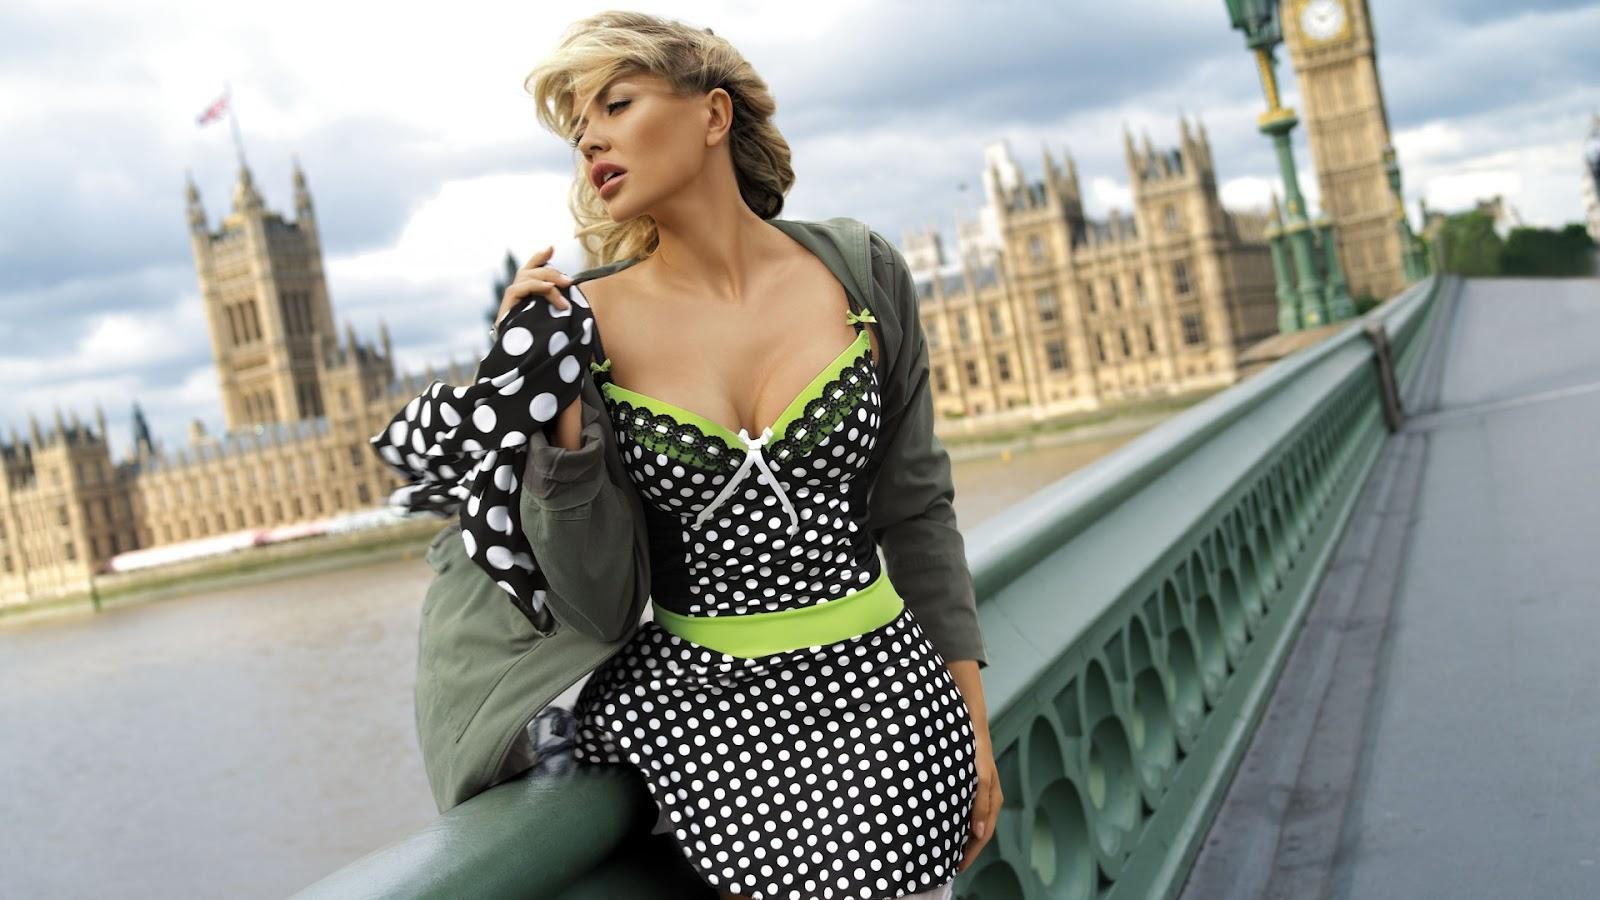 Фото украинская красивая блондинка 21 фотография